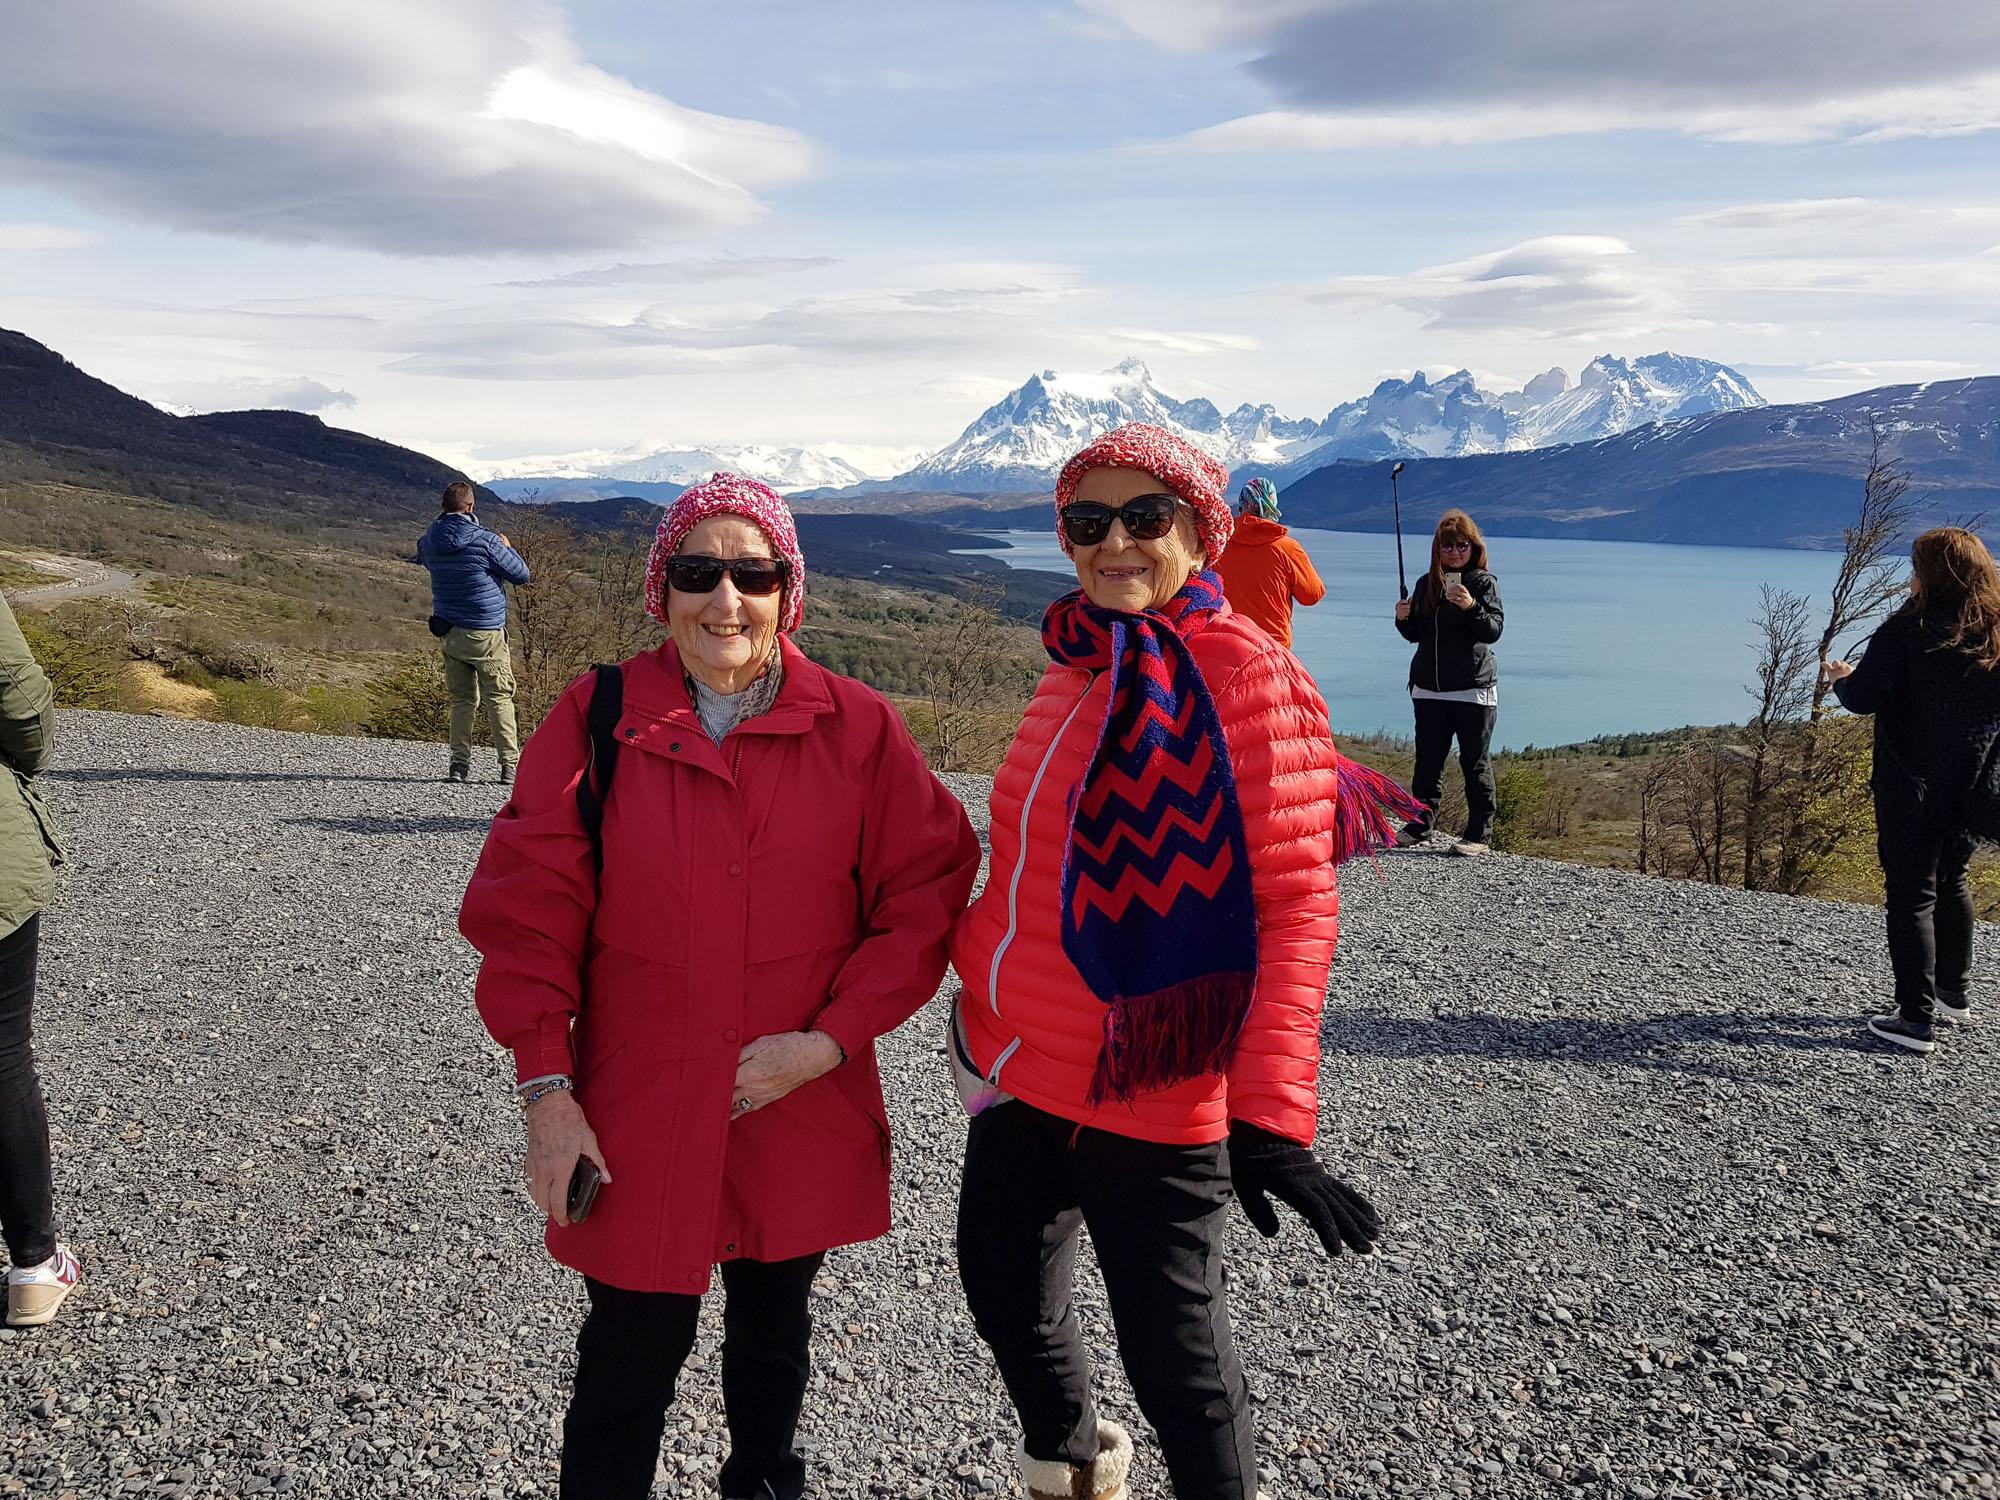 Patagonien zeigt sich von seiner schönsten (Wetter)Seite, aber vor dem rauhen Wind mussten wir uns schnellstmöglich schützen